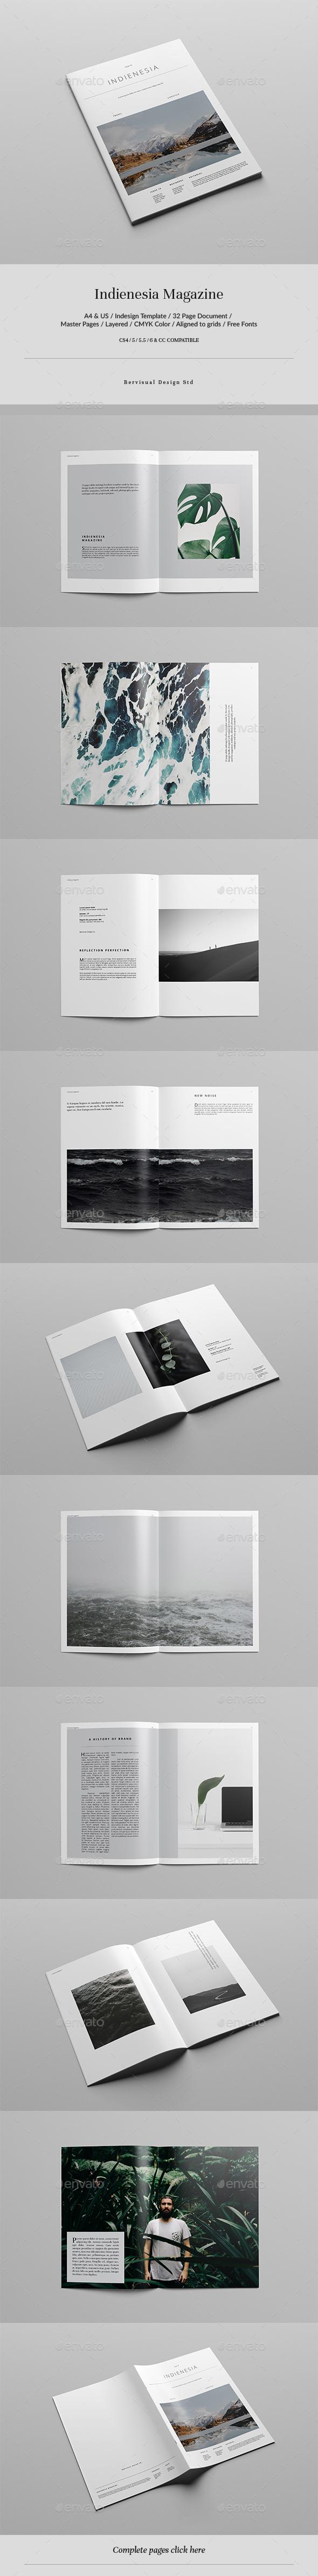 Beste Bucheinband Vorlage Indesign Fotos - Beispielzusammenfassung ...